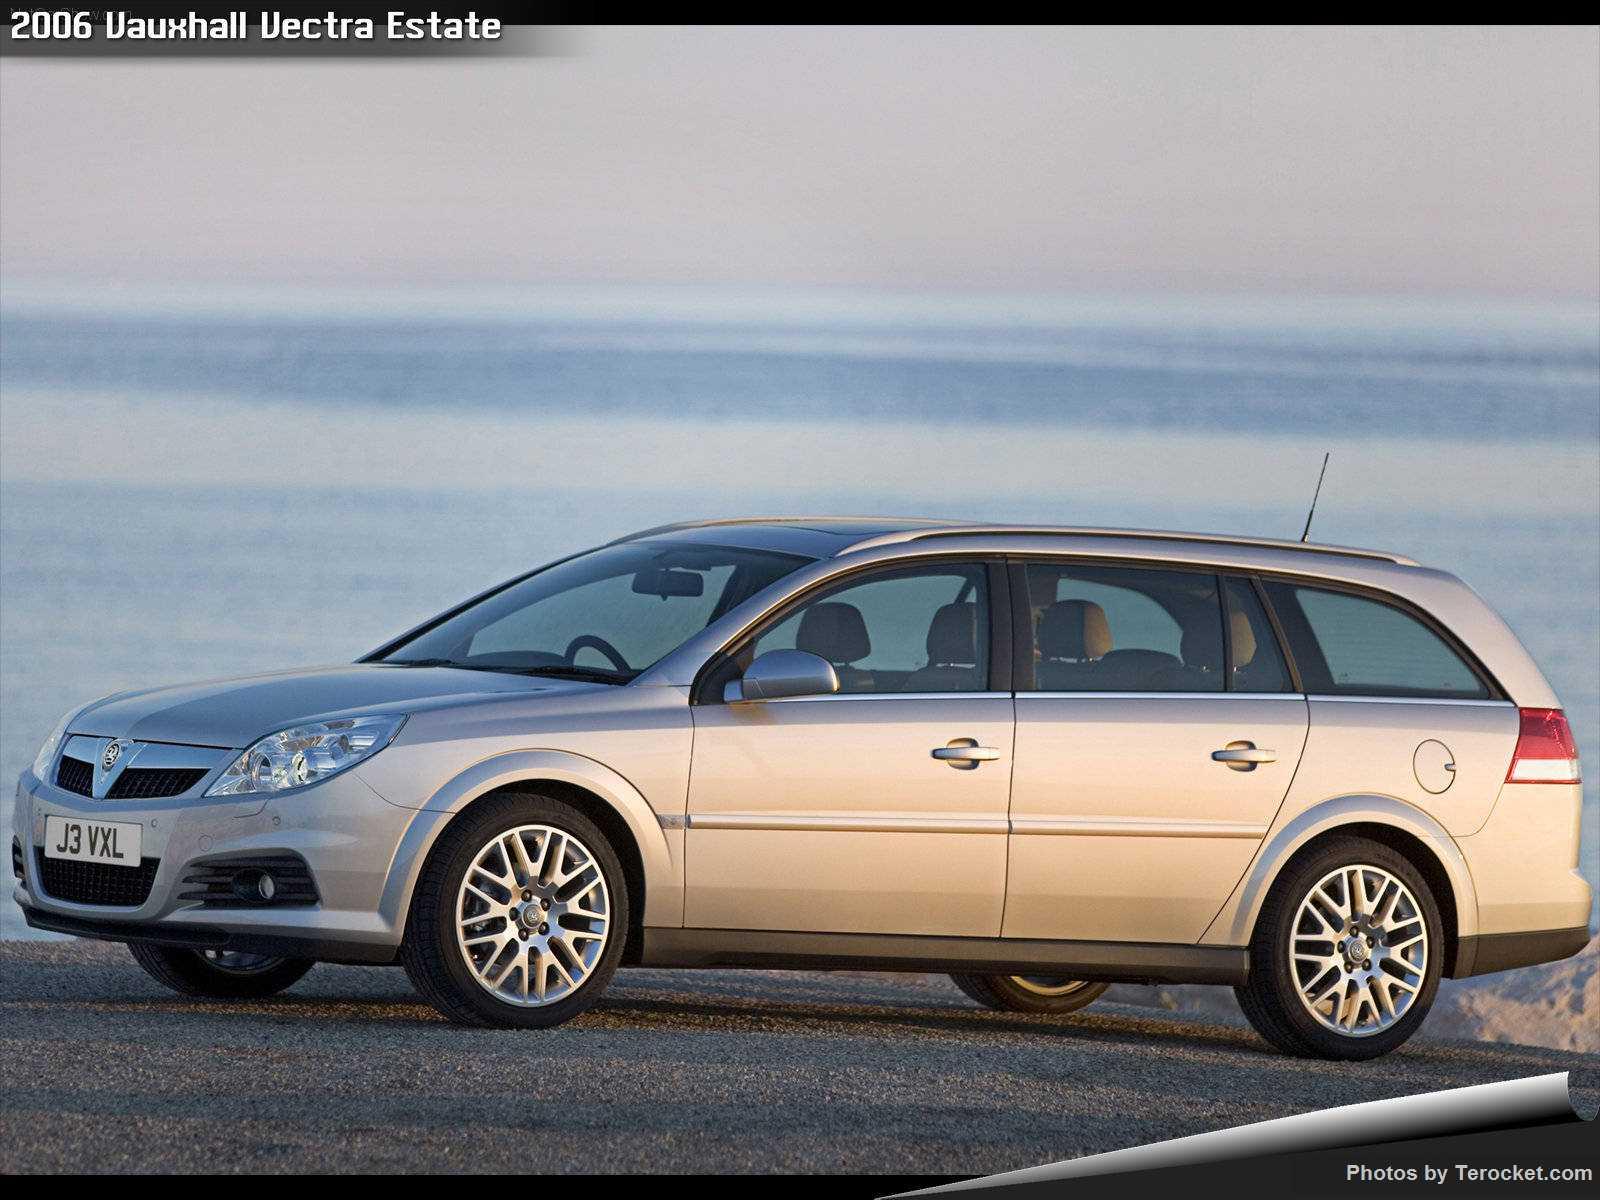 Hình ảnh xe ô tô Vauxhall Vectra Estate 2006 & nội ngoại thất